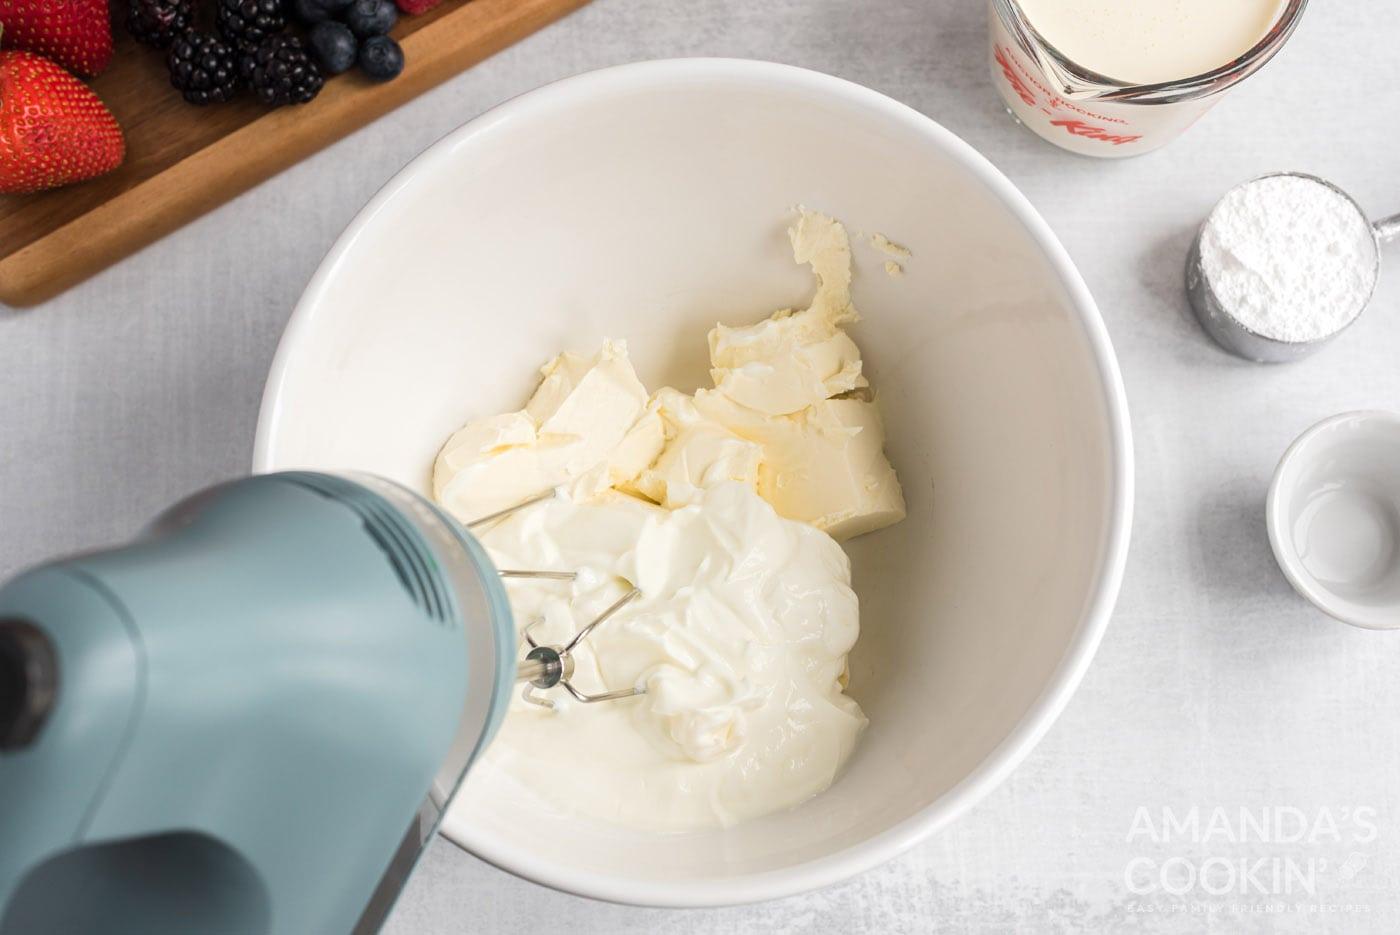 cream cheese and greek yogurt with hand mixer